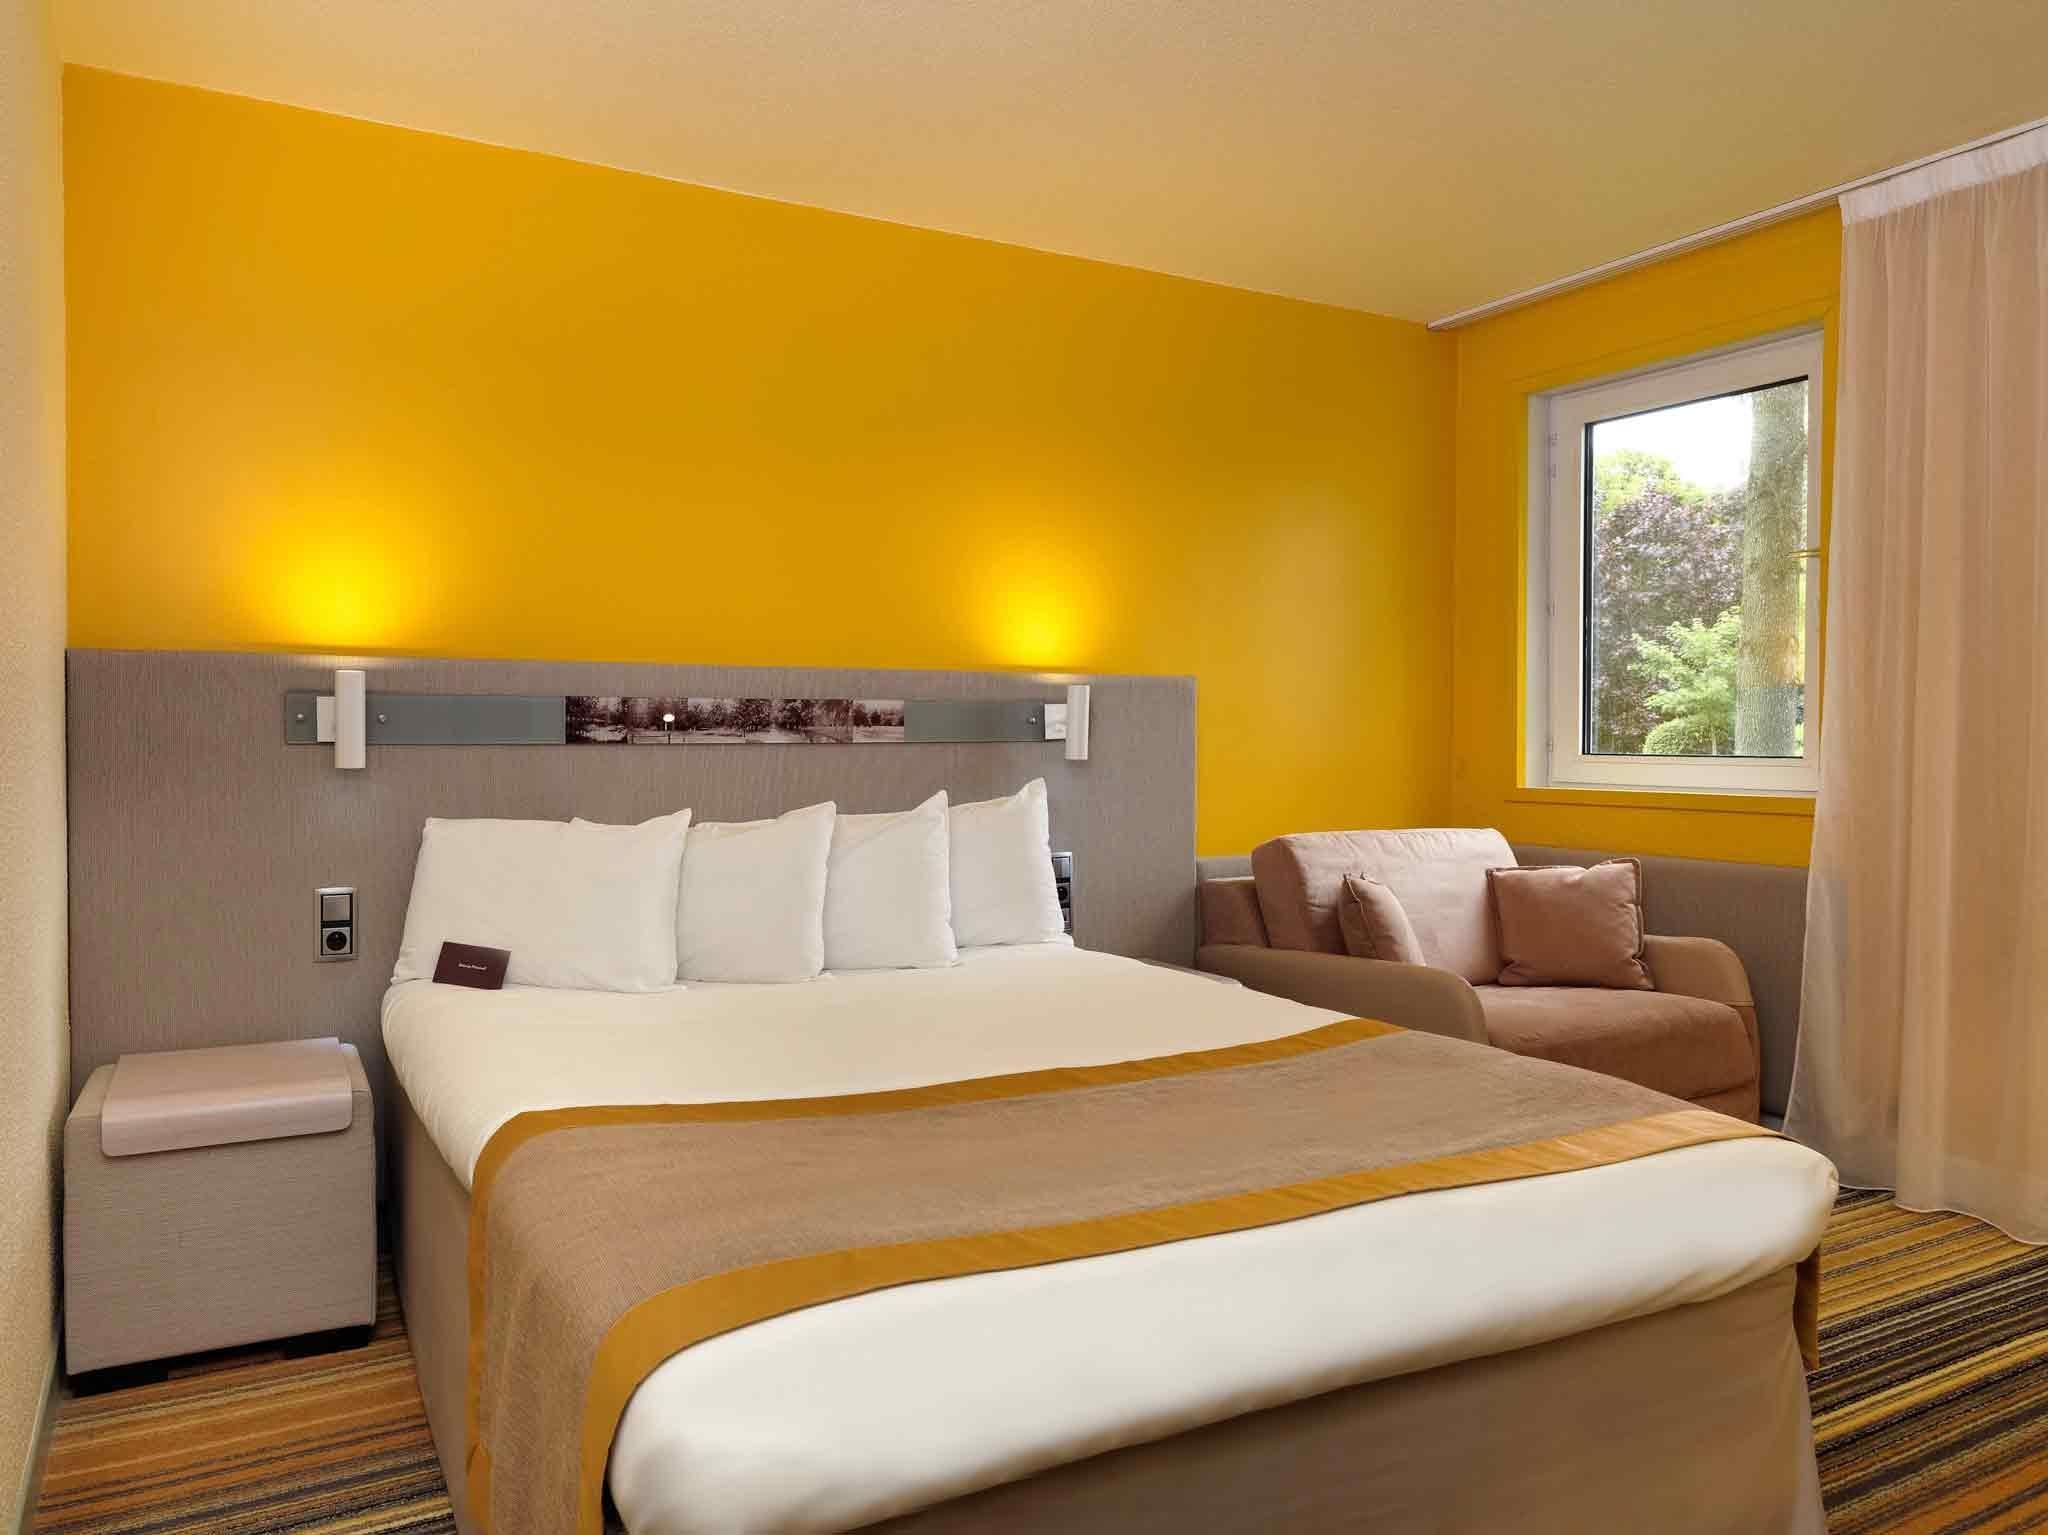 Hotel Mercure Paris Sud Parc Du Coudray Best Price On Hotel Mercure Paris Sud Parc Du Coudray In Le